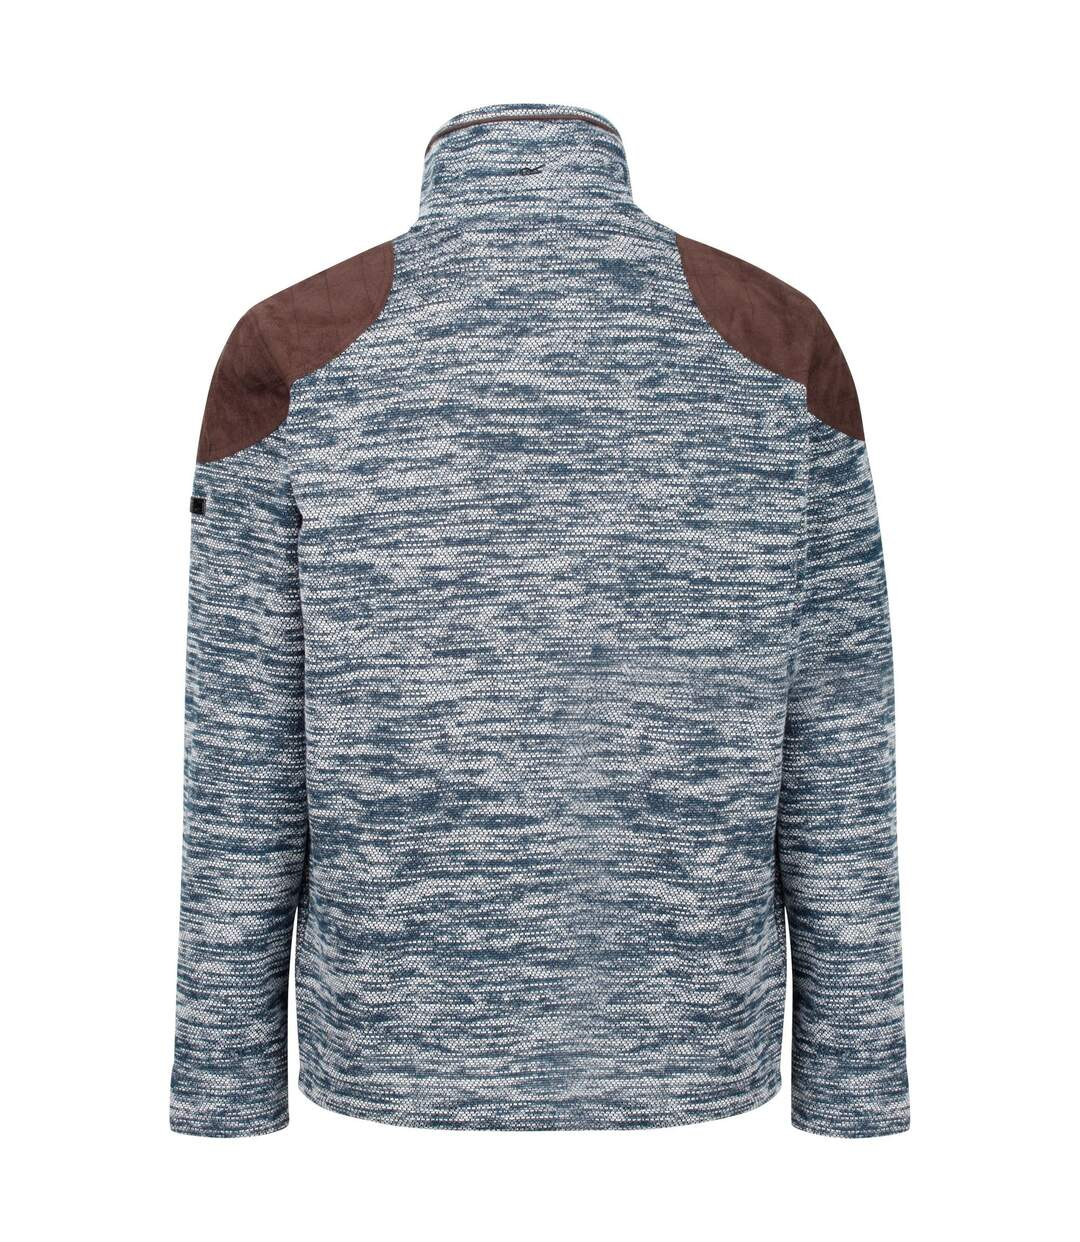 Regatta Mens Cranston Overlay Jaquard Fleece (Blue Wing) - UTRG4796